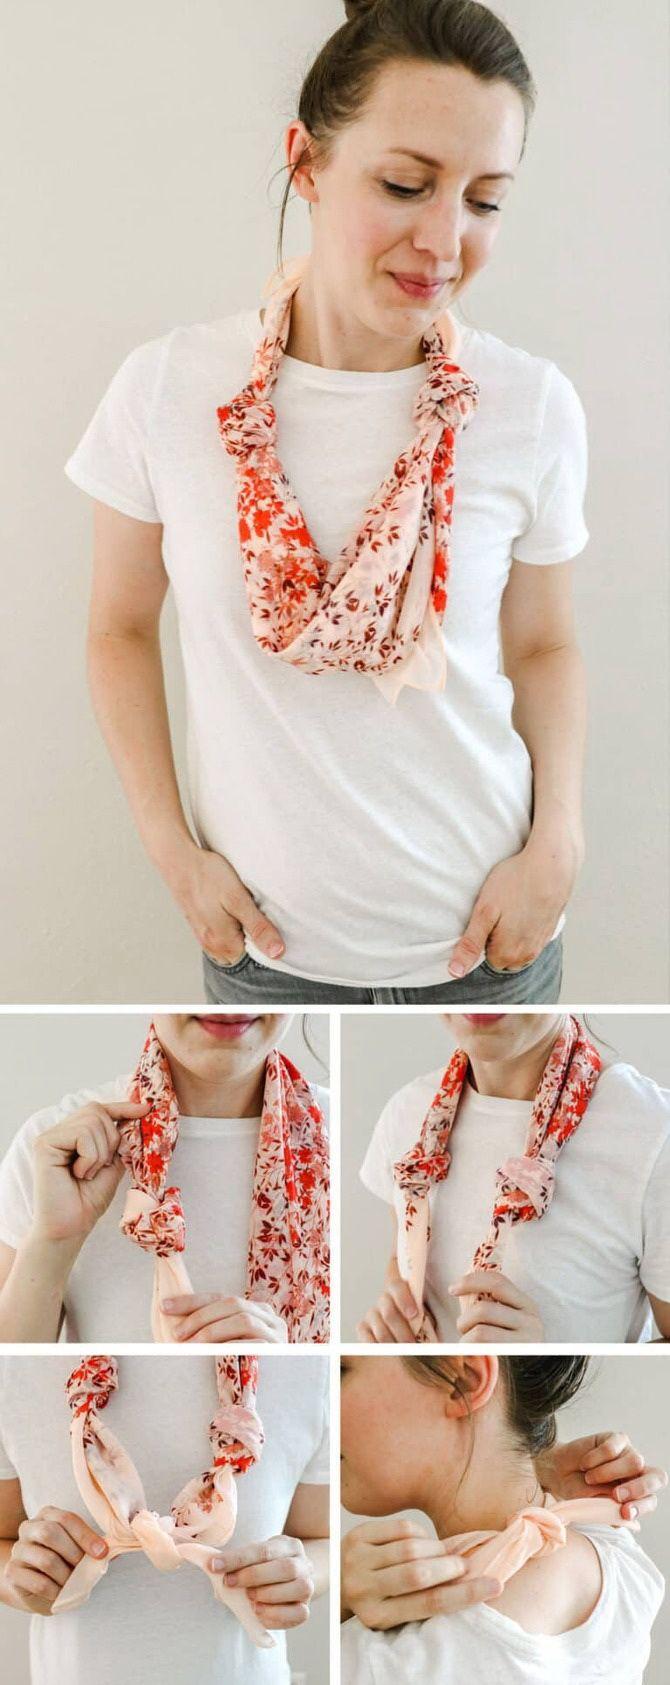 Как красиво завязать шарф: 19 лучших способов 4